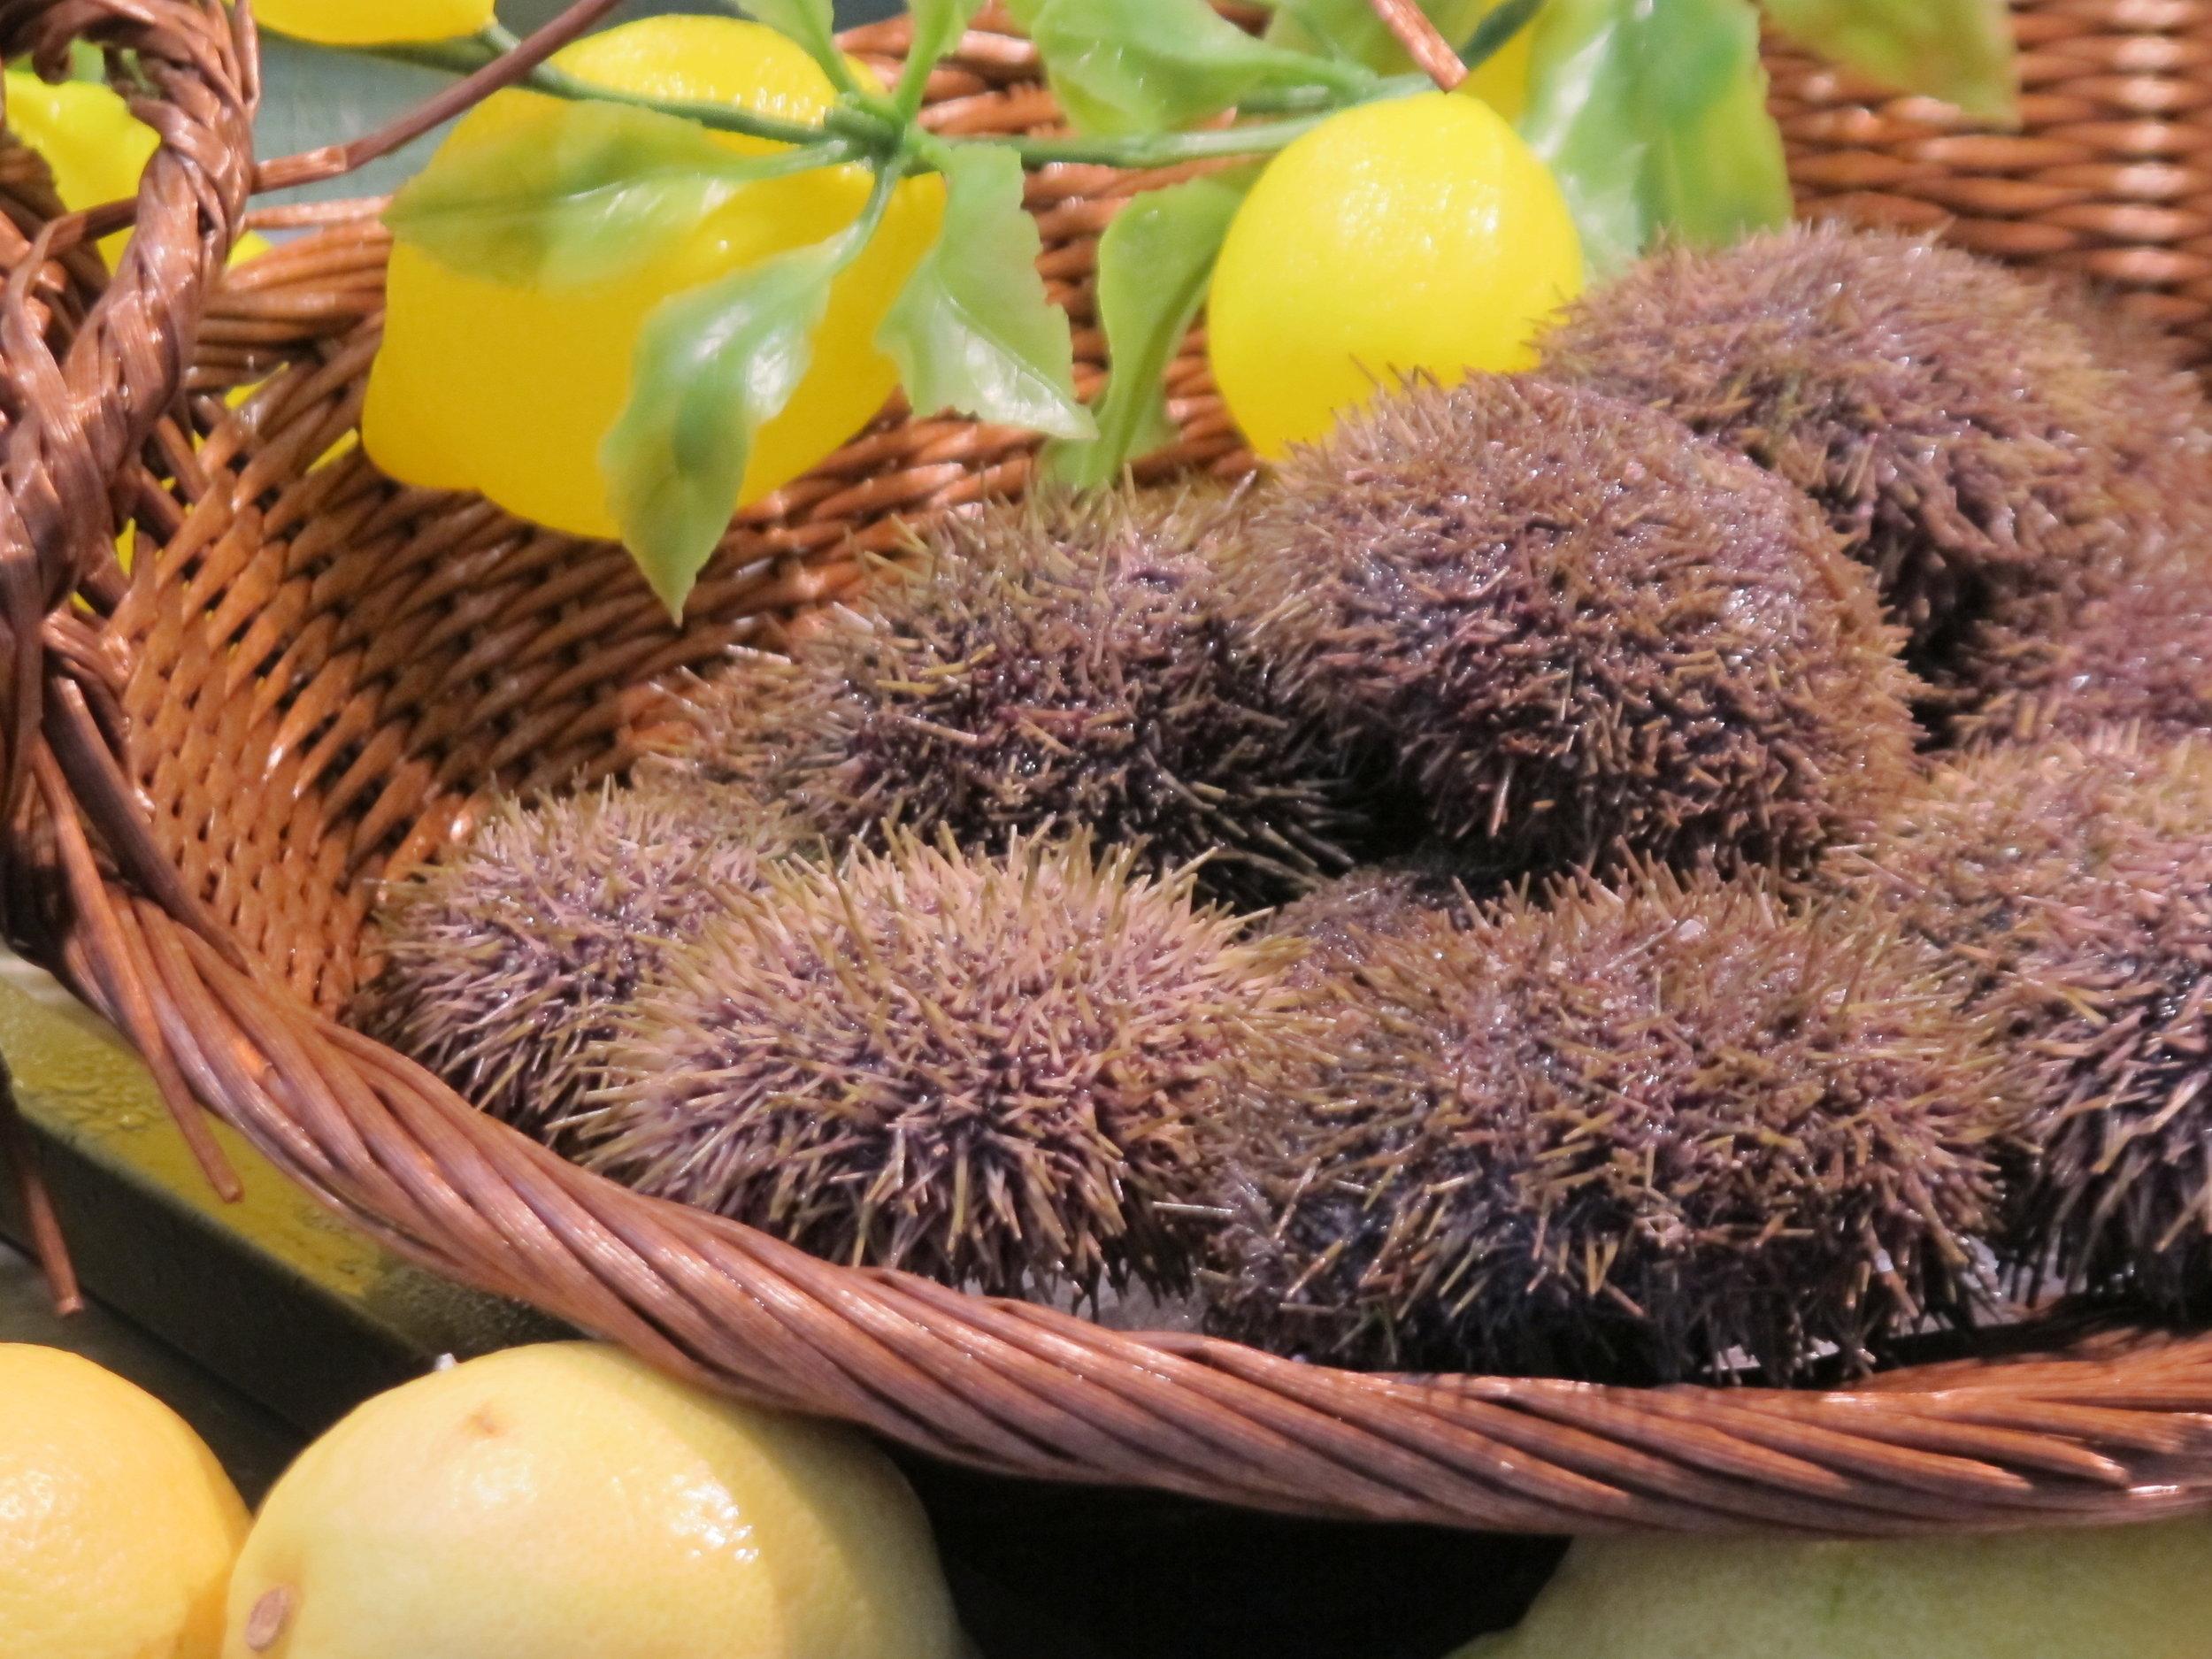 Sea urchins at  Le Dôme,  a seafood restaurant in Paris.Photo: Elizabeth Kemble.